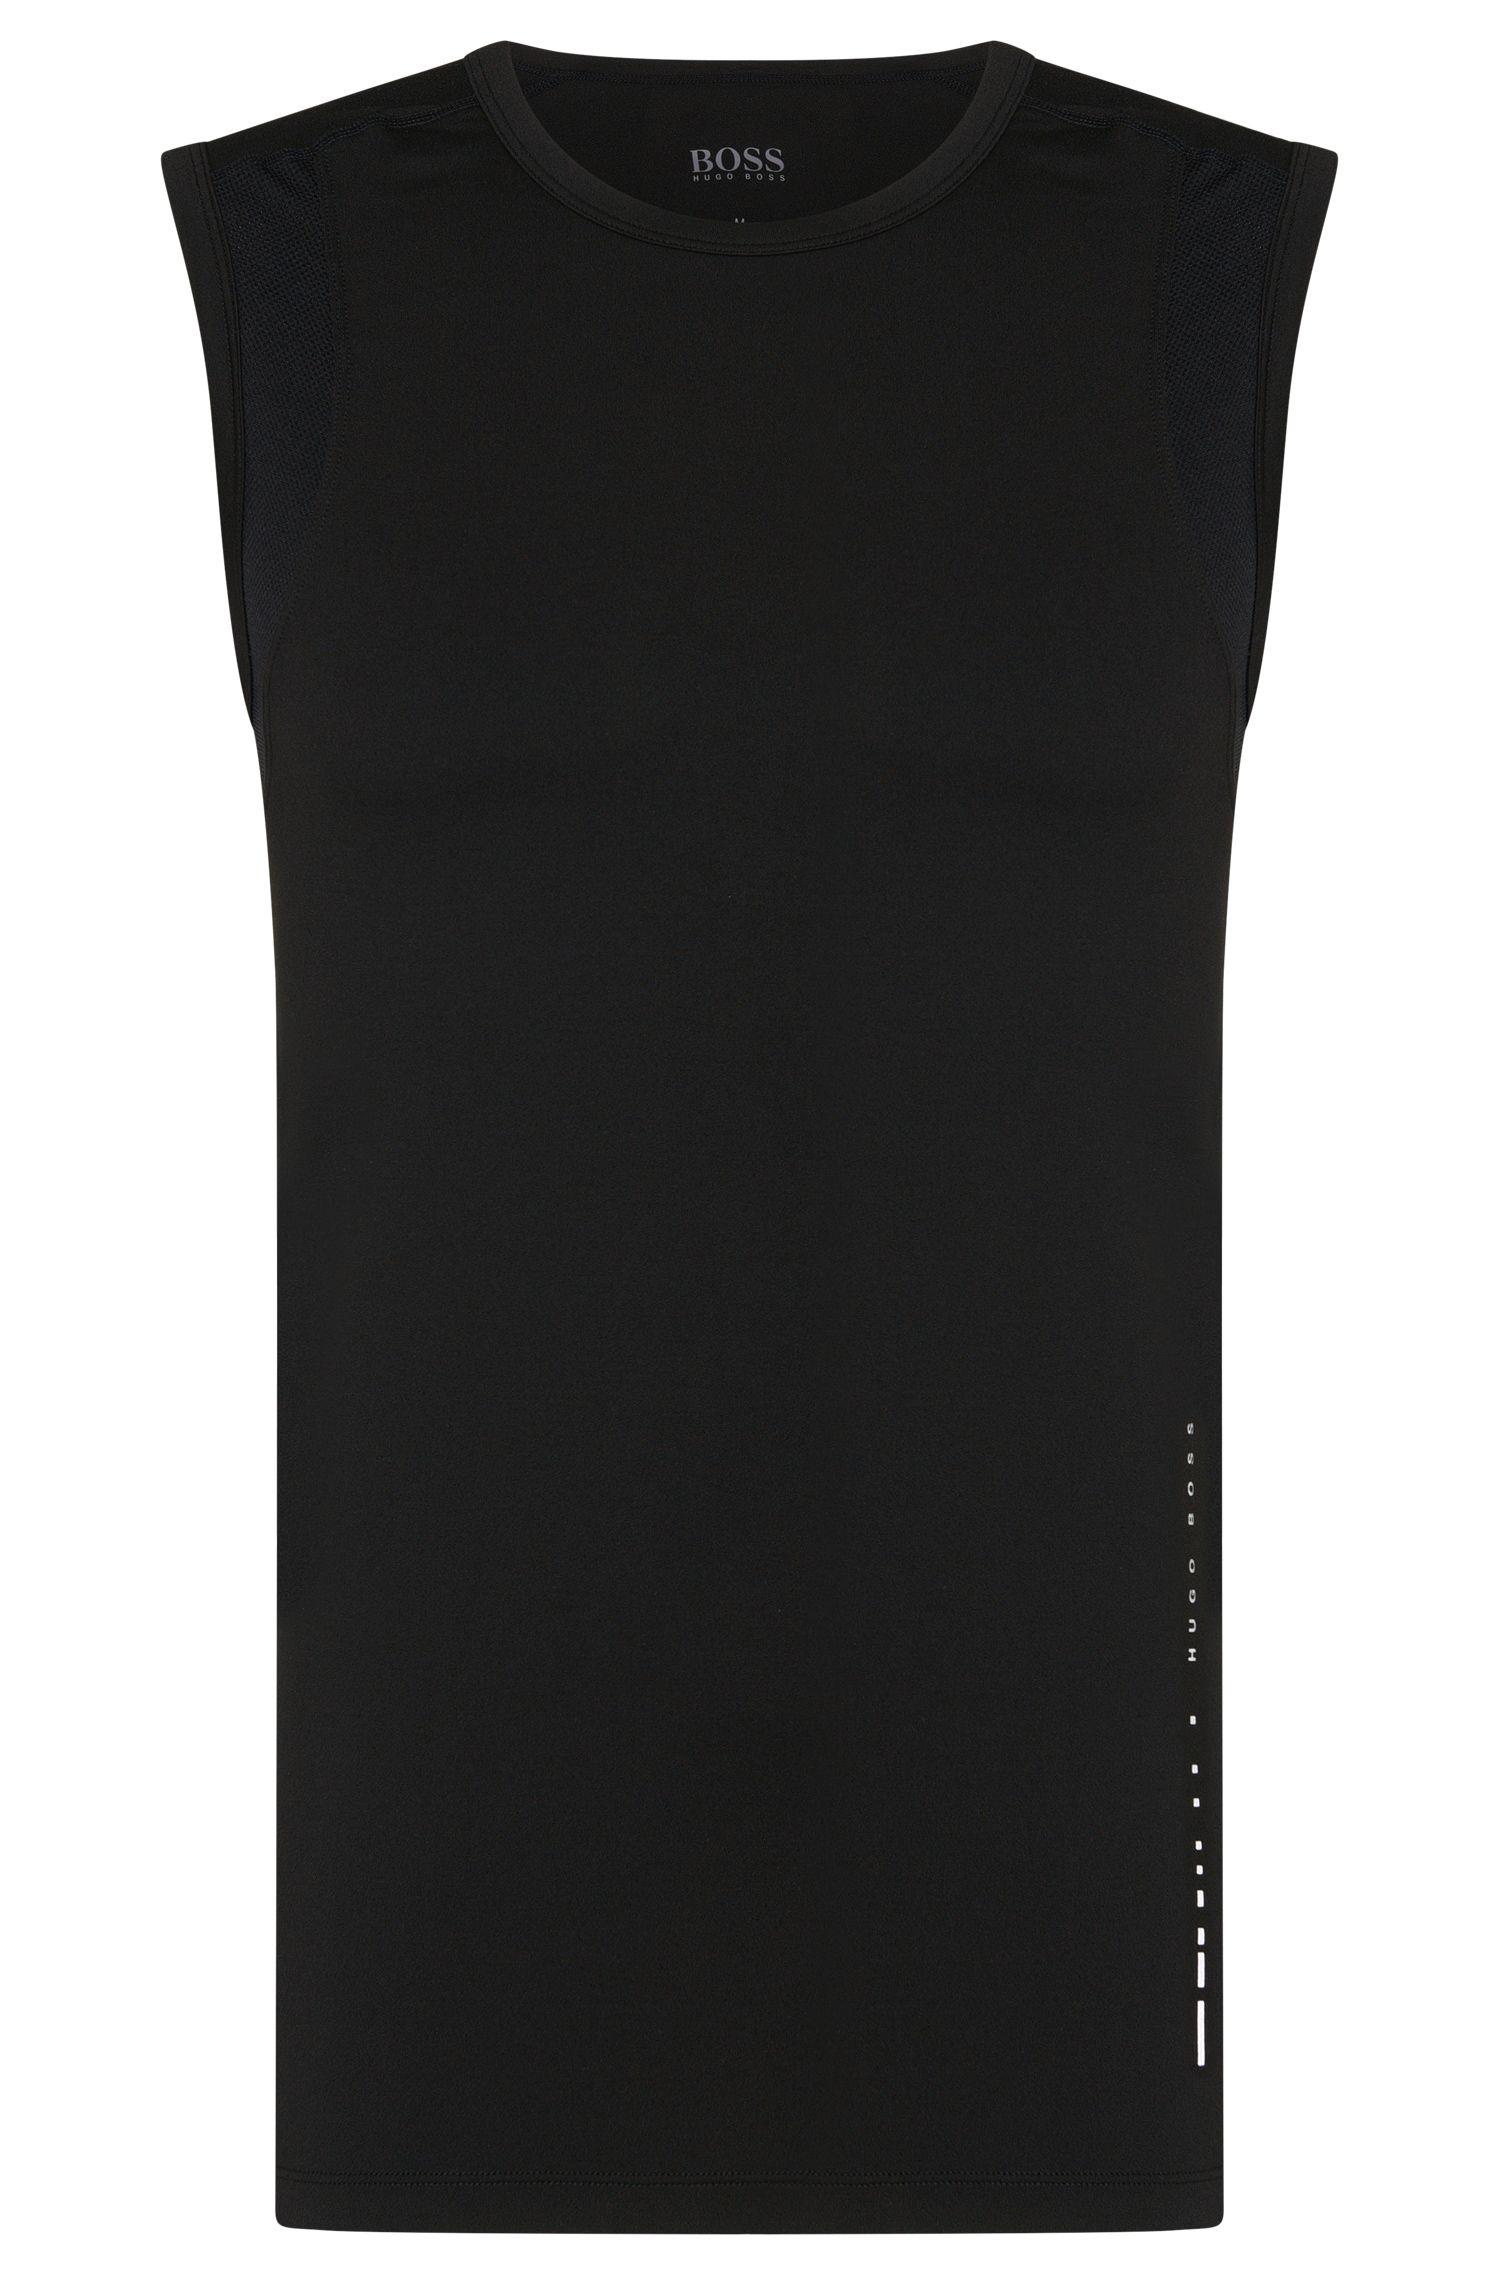 Camiseta sin mangas en tejido técnico elástico